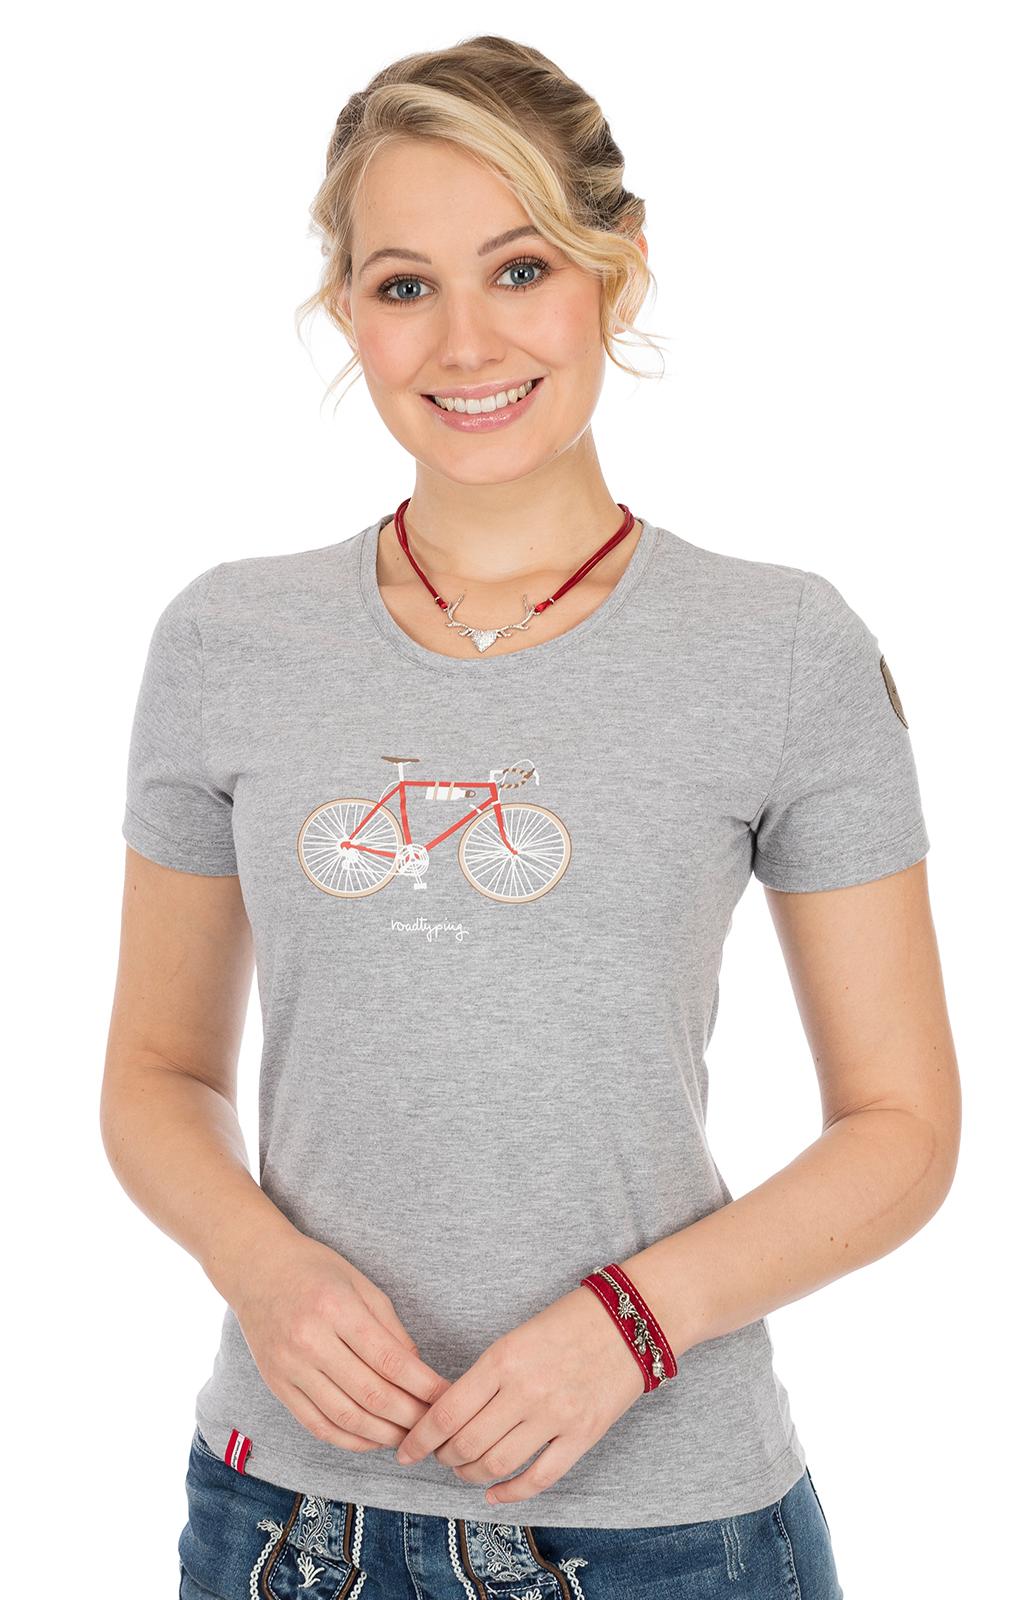 weitere Bilder von T-Shirt RESSEGGERALM grau